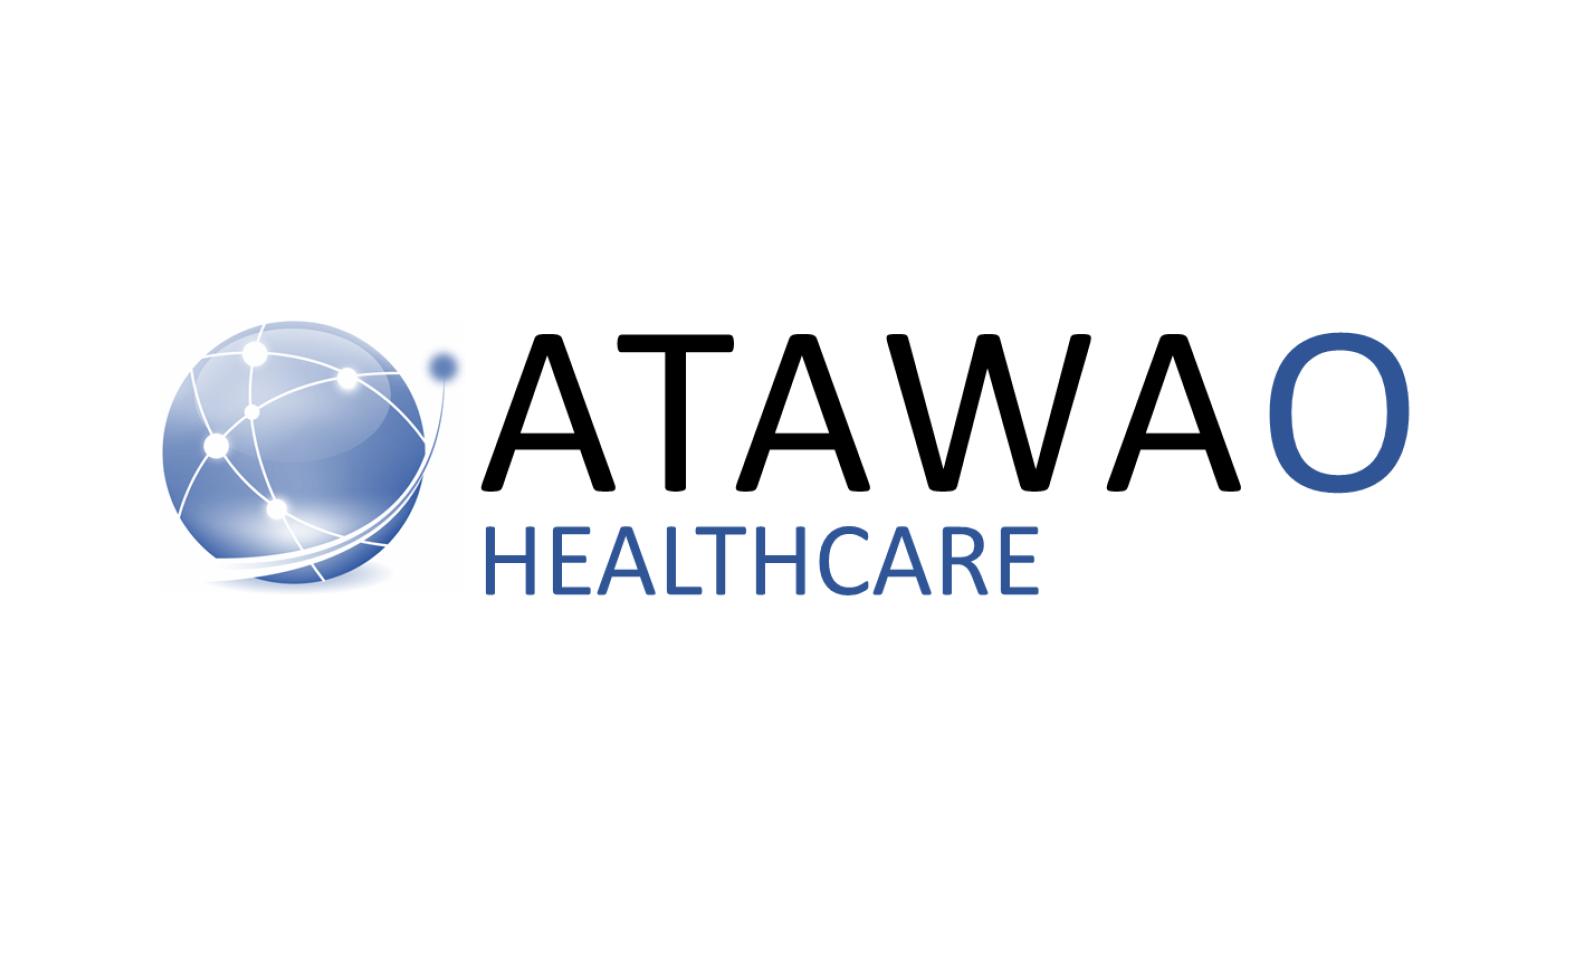 Atawao